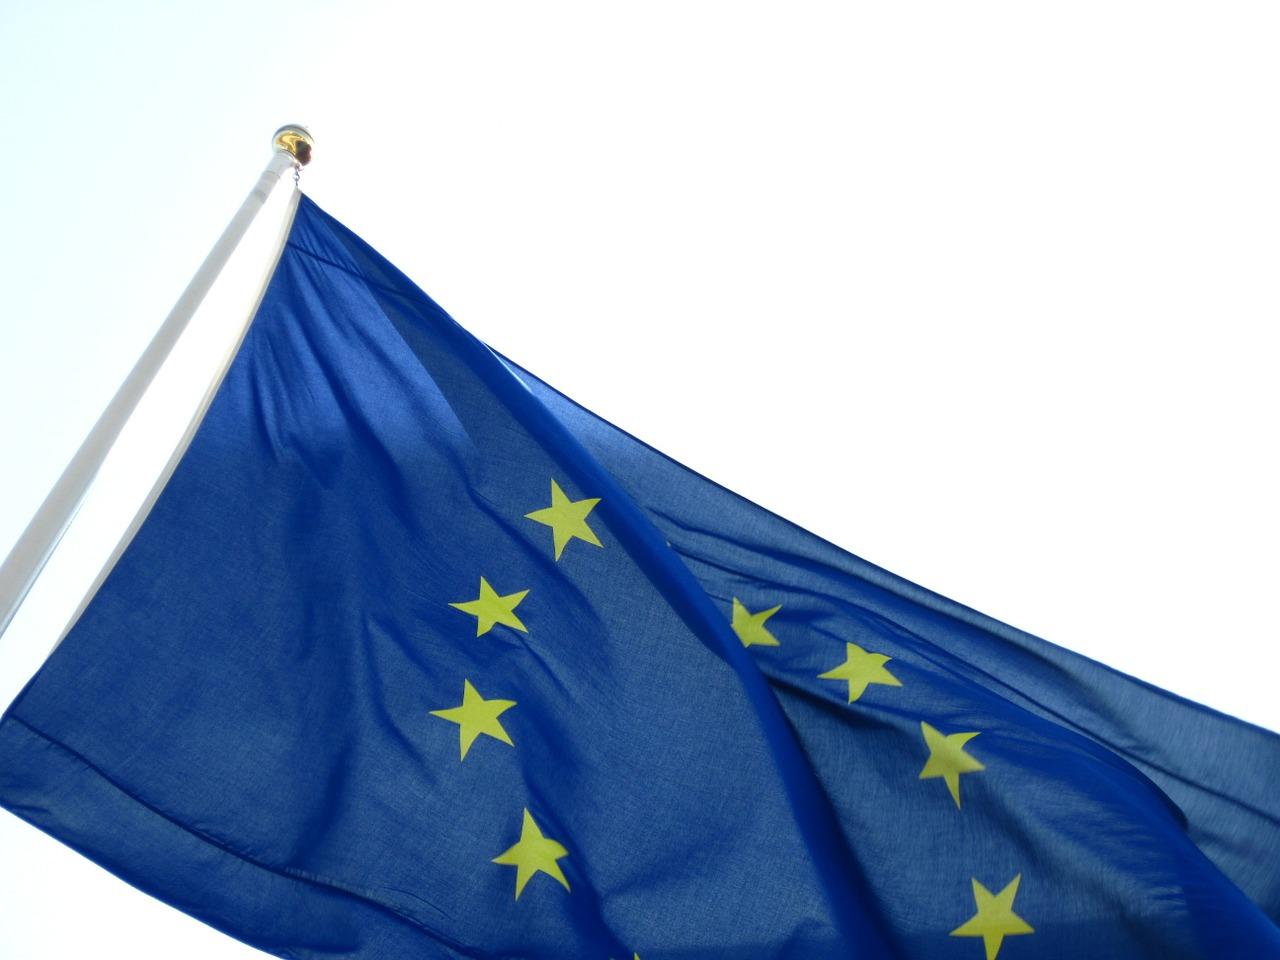 EU-Investitionsfonds mit 315 Milliarden Euro auch für risikoreichere Startups